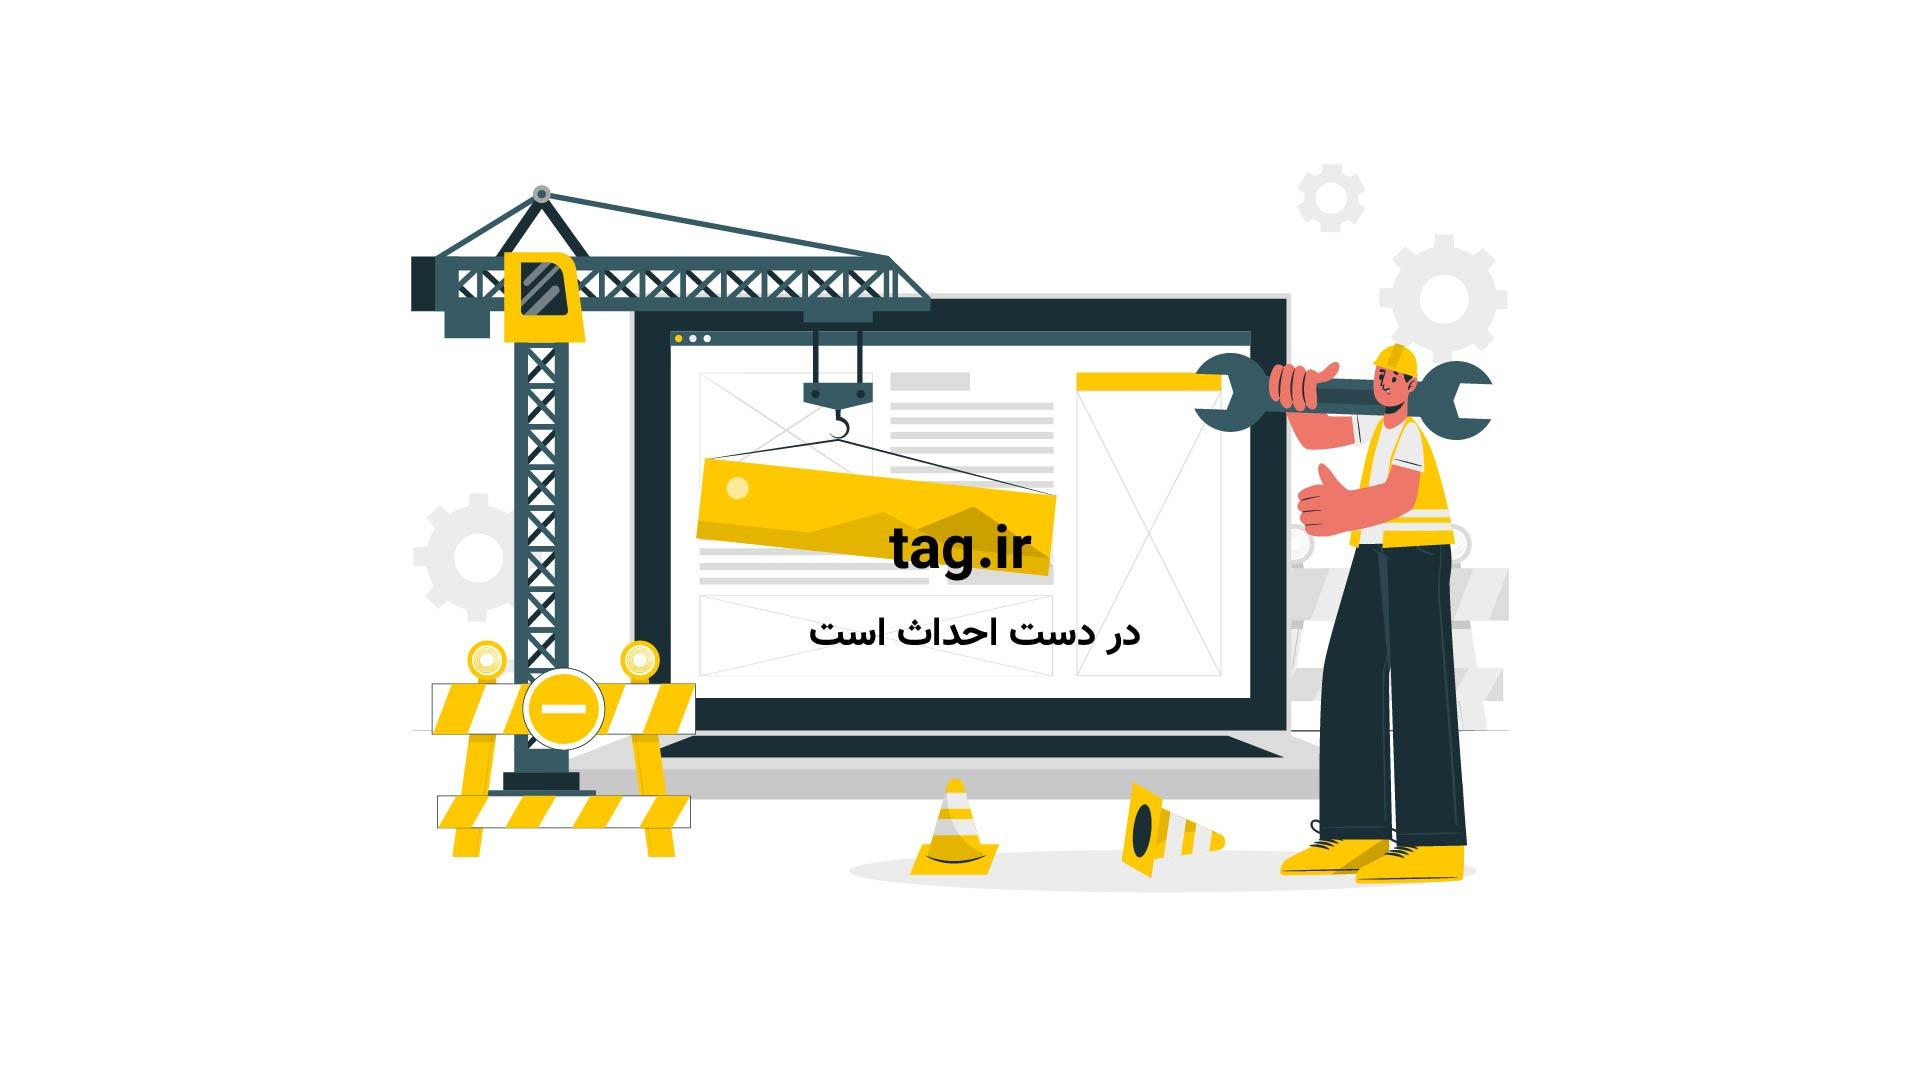 جاذبه های گردشگری و مناظر دیدنی شهر هانوی | فیلم